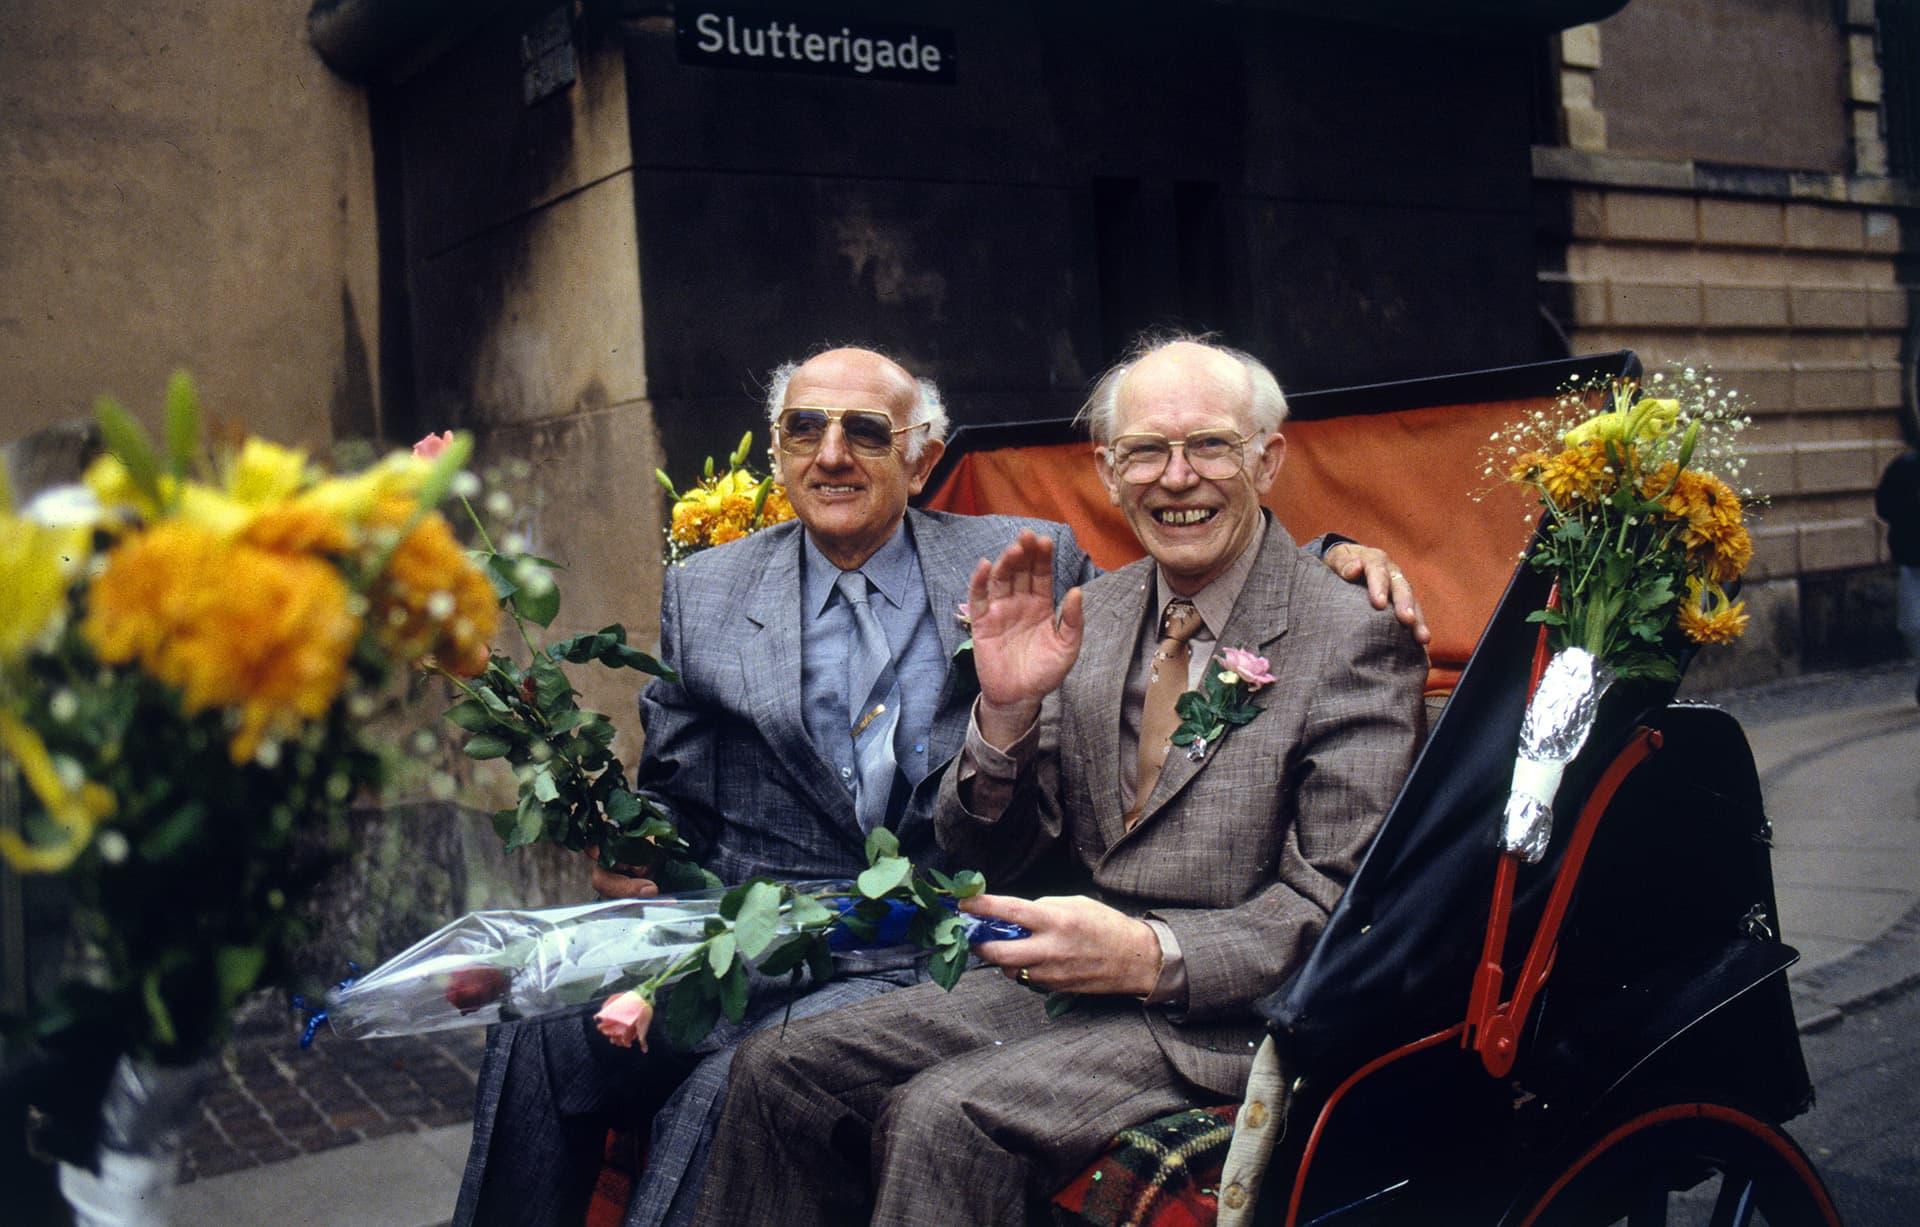 Axel Axgil ja Eigil Eskildsen kuvattuna 1. lokakuuta 1989.